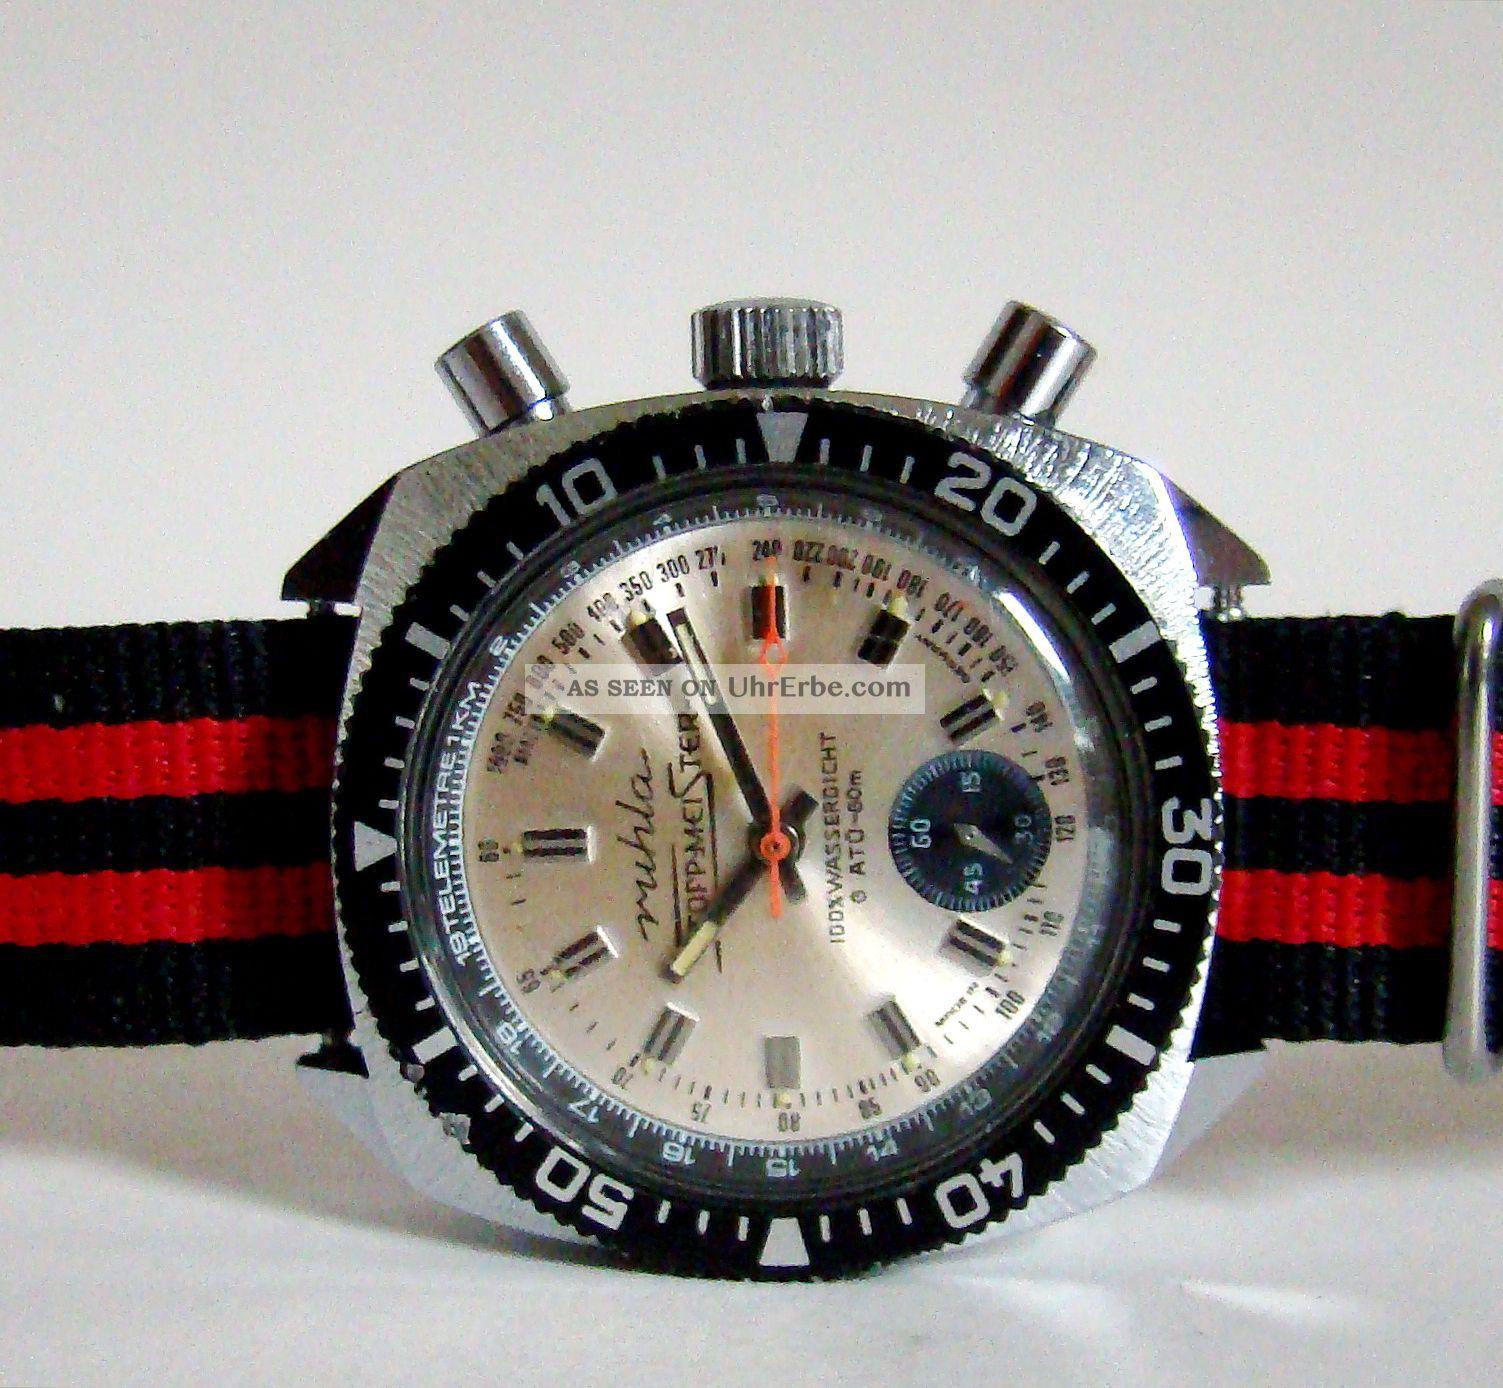 Ruhla Ddr Stoppmeister Flyback Chrono - Klassiker 70er Rare Armbanduhren Bild